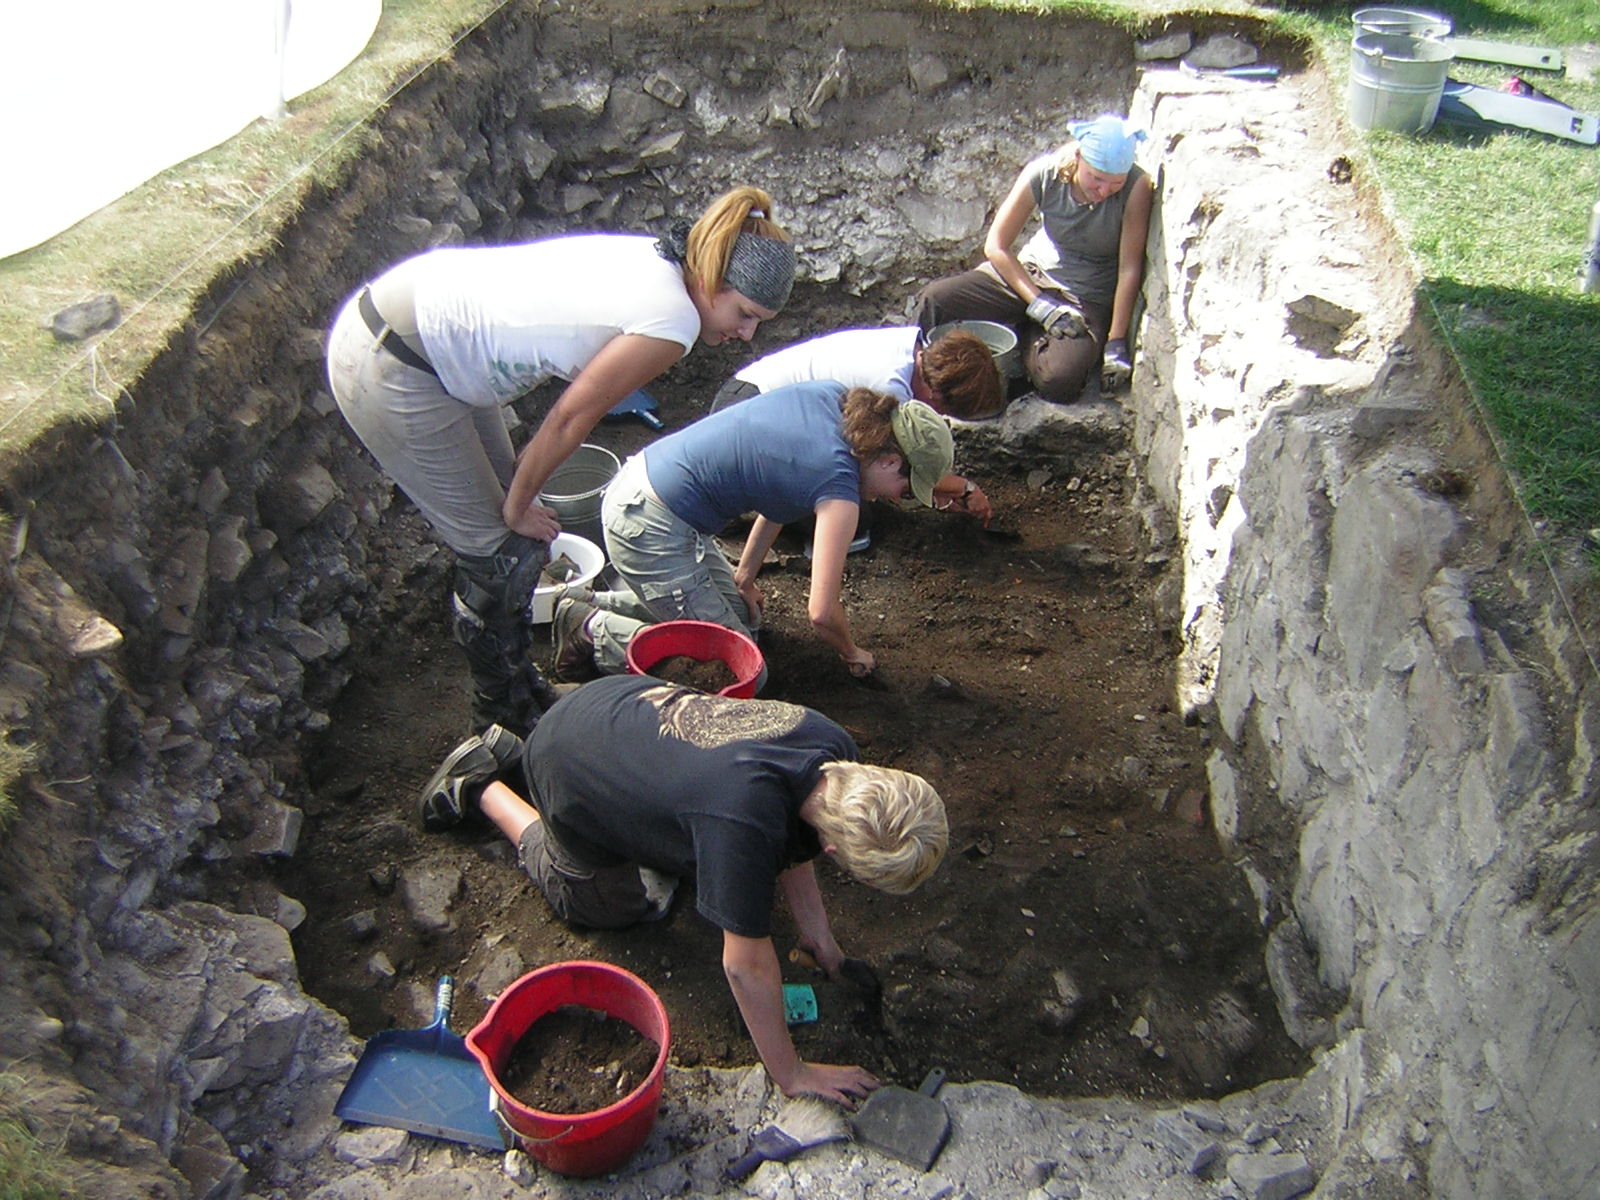 Fouilles archéologique sur le site de la Grande Ferme, Côte-de-Beaupré. Photo Artéfactuel aa